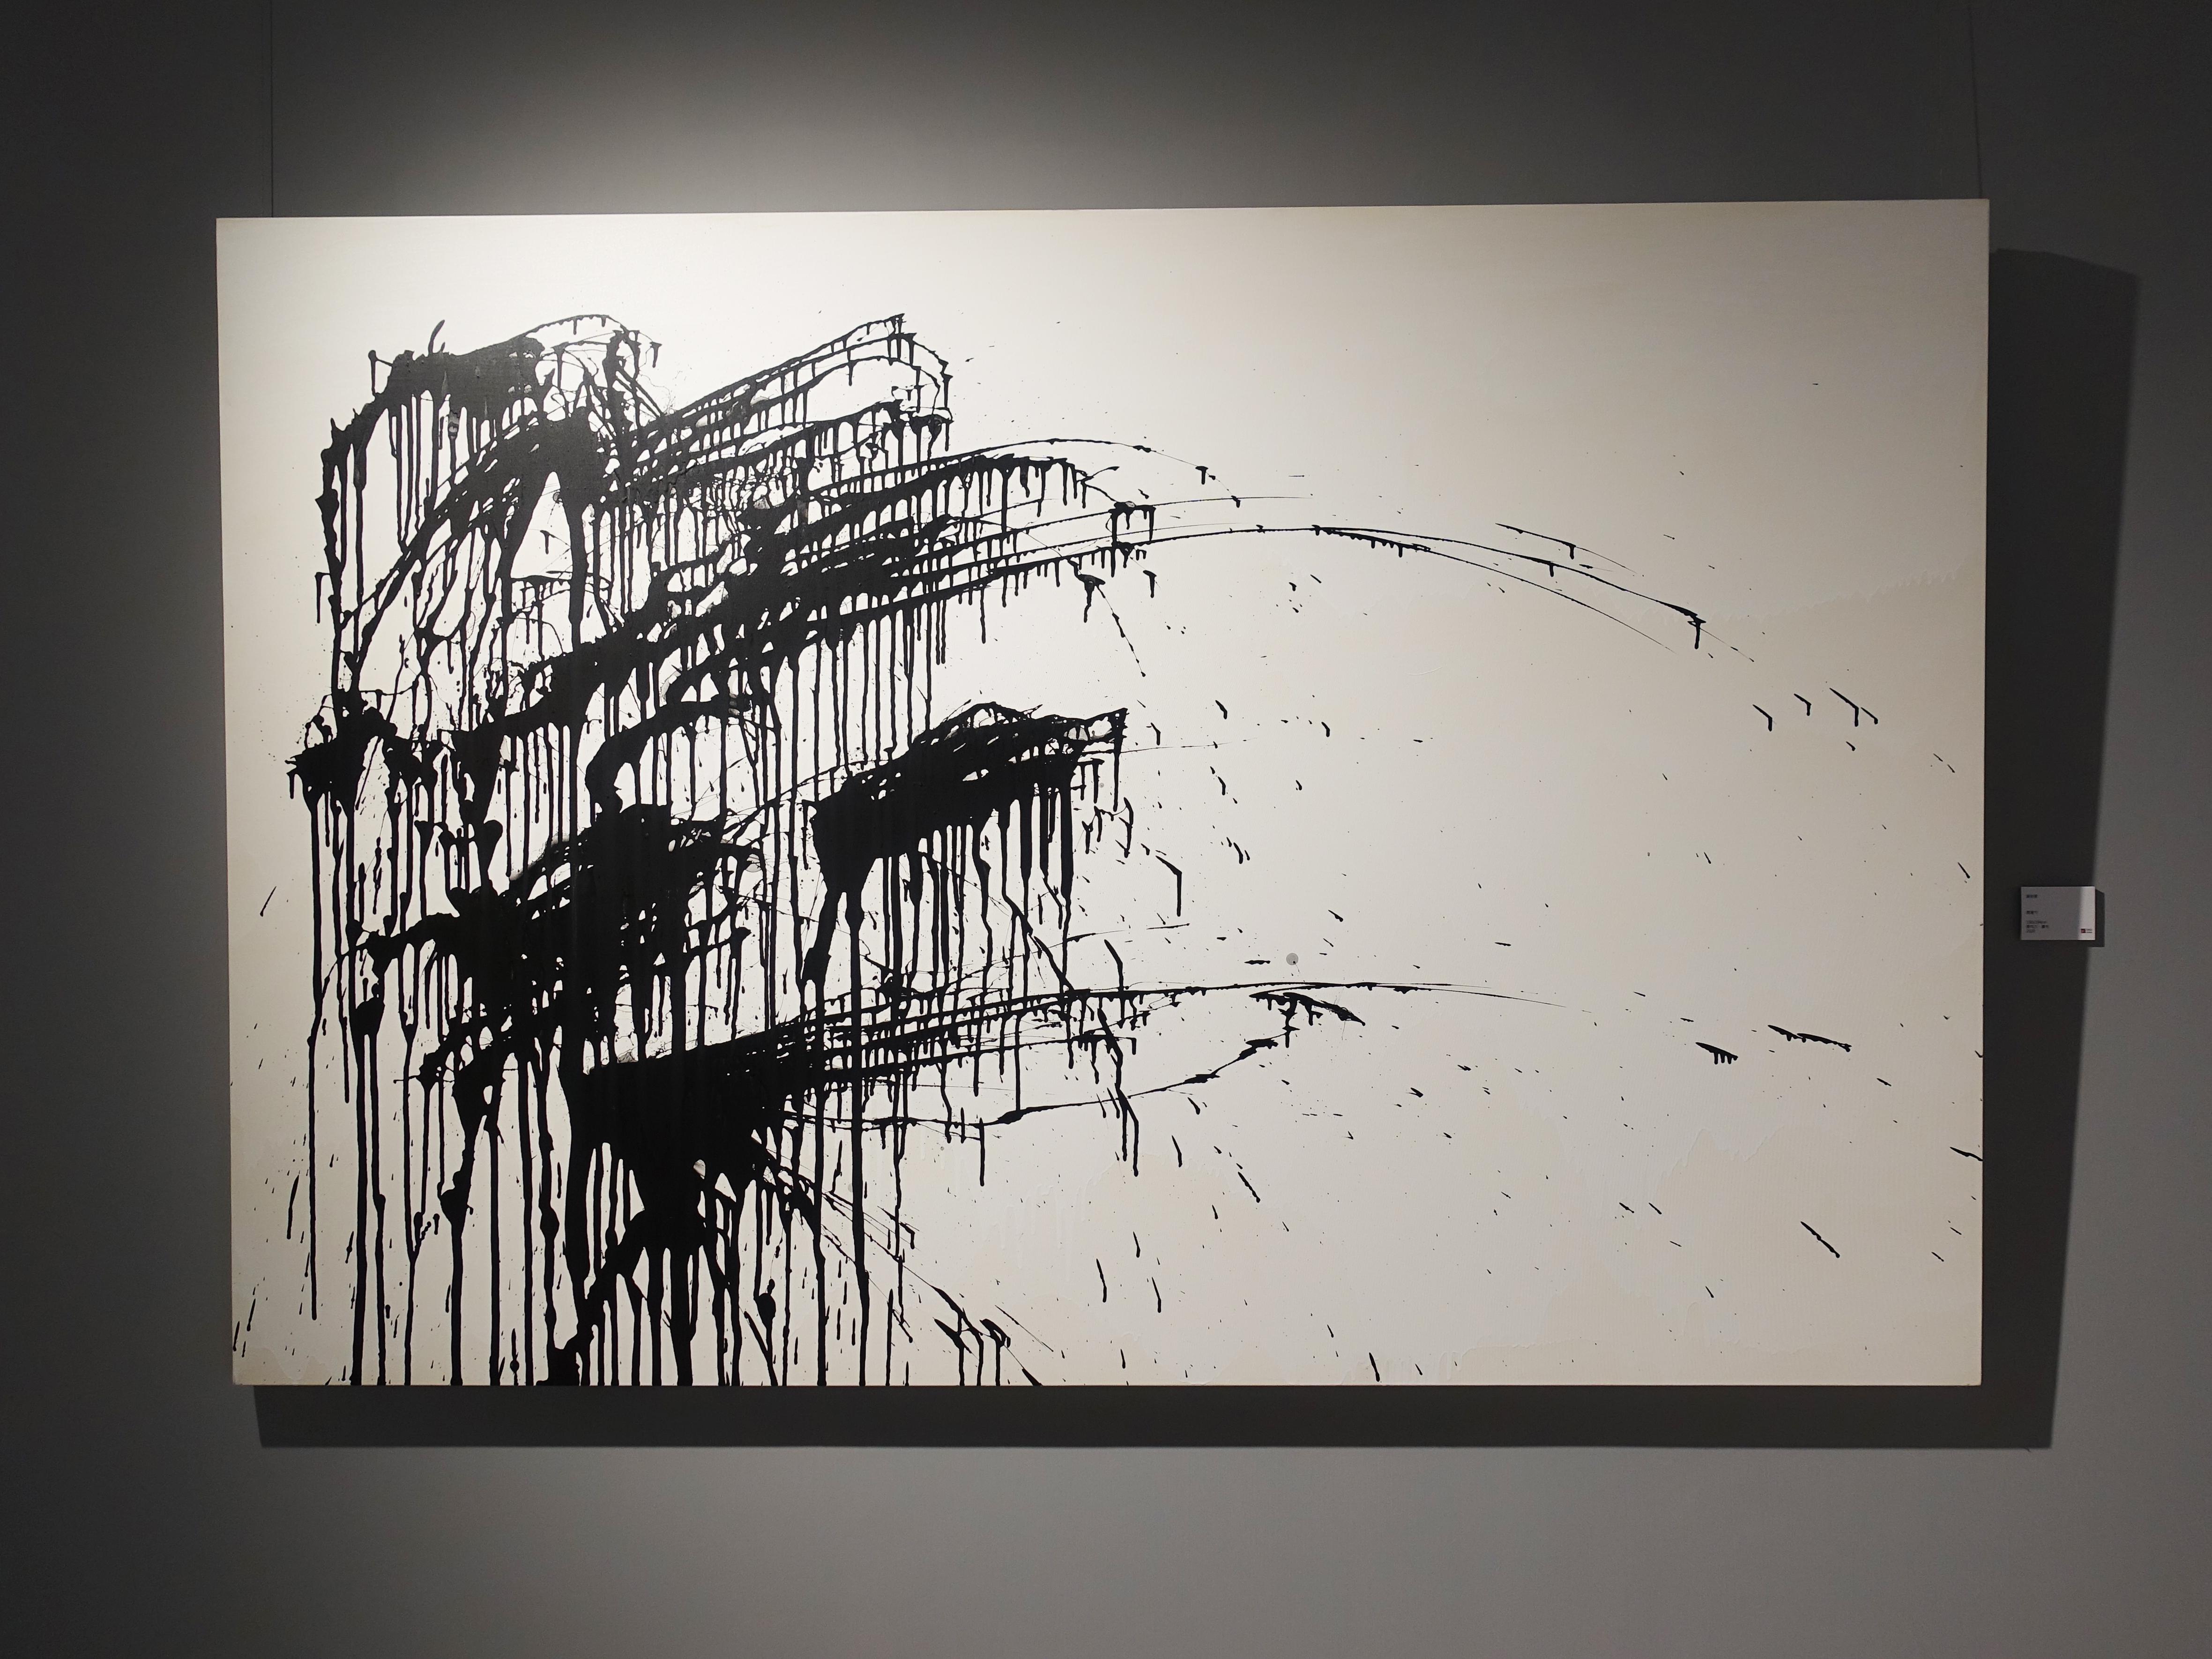 謝宛儒,《開運竹》,130 x 194 cm,壓克力、畫布,2020。